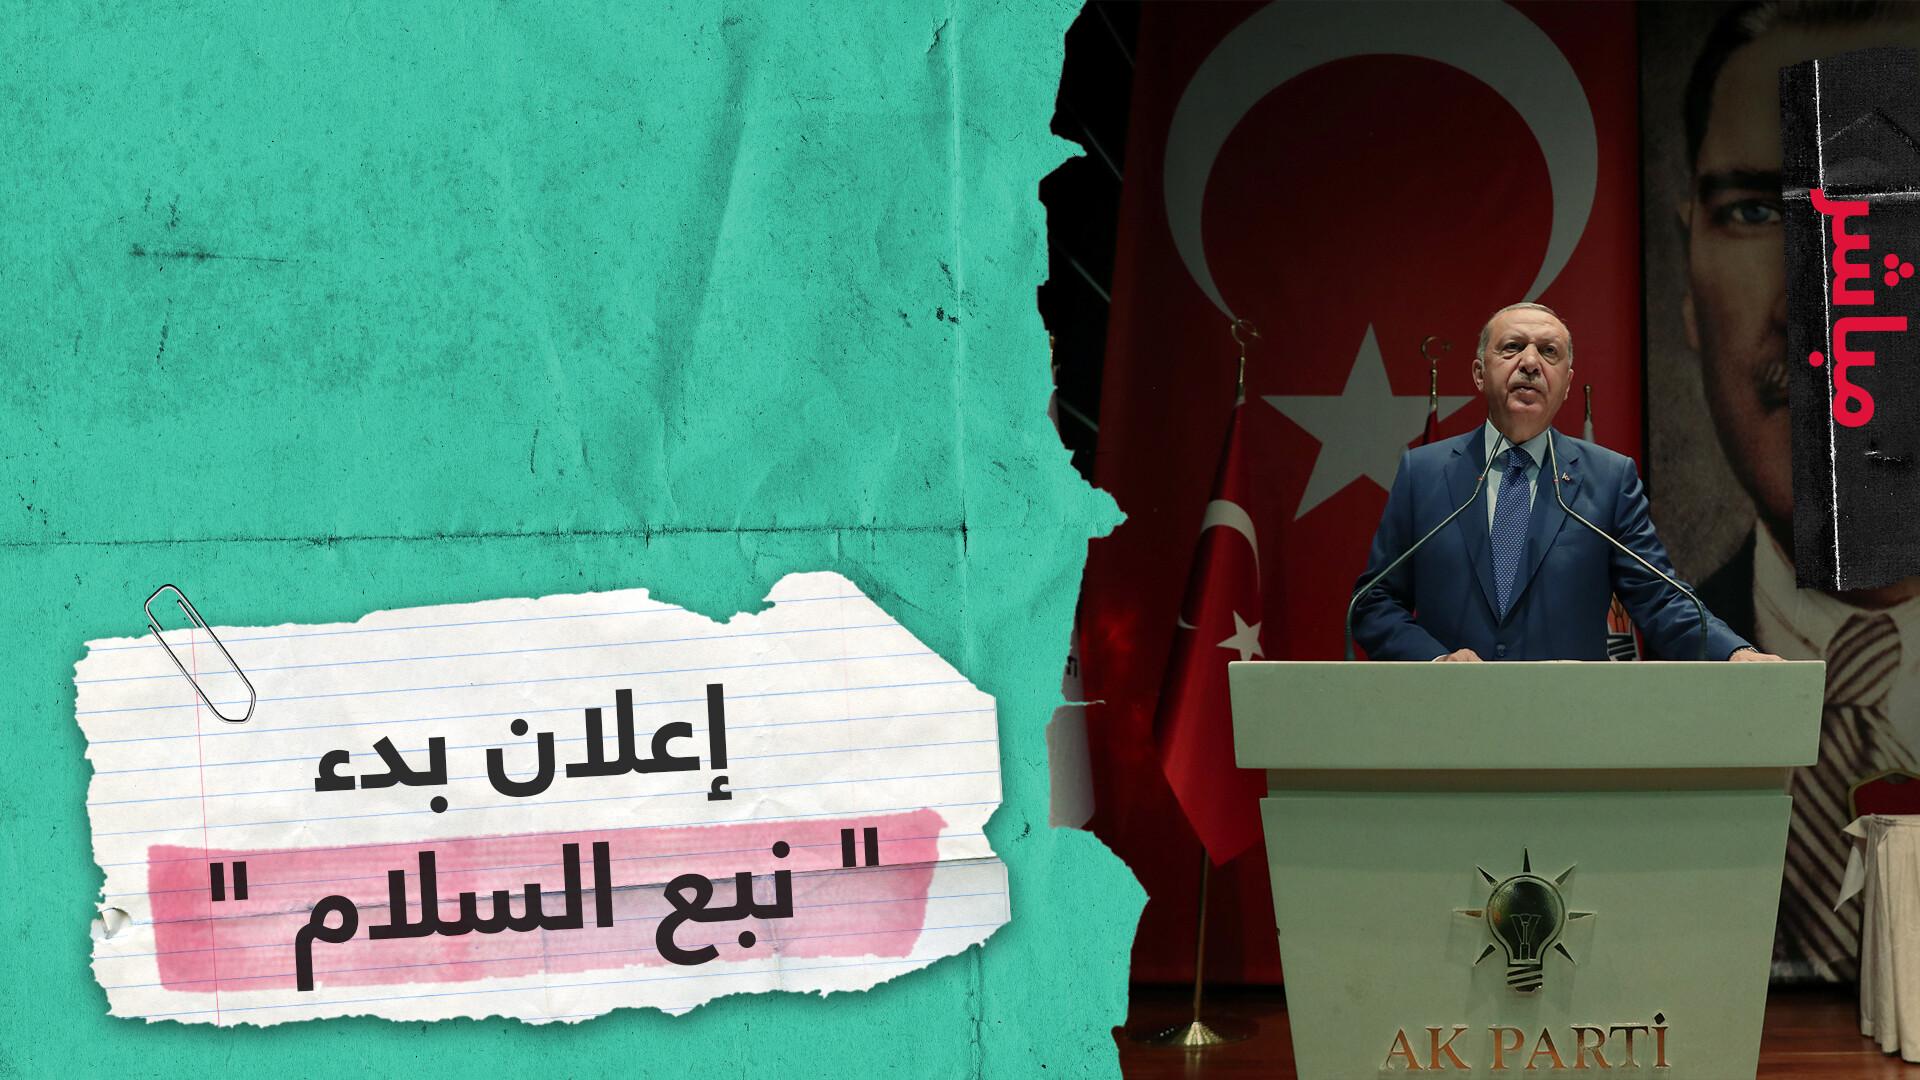 أردوغان يعلن بدء العملية العسكرية في سوريا